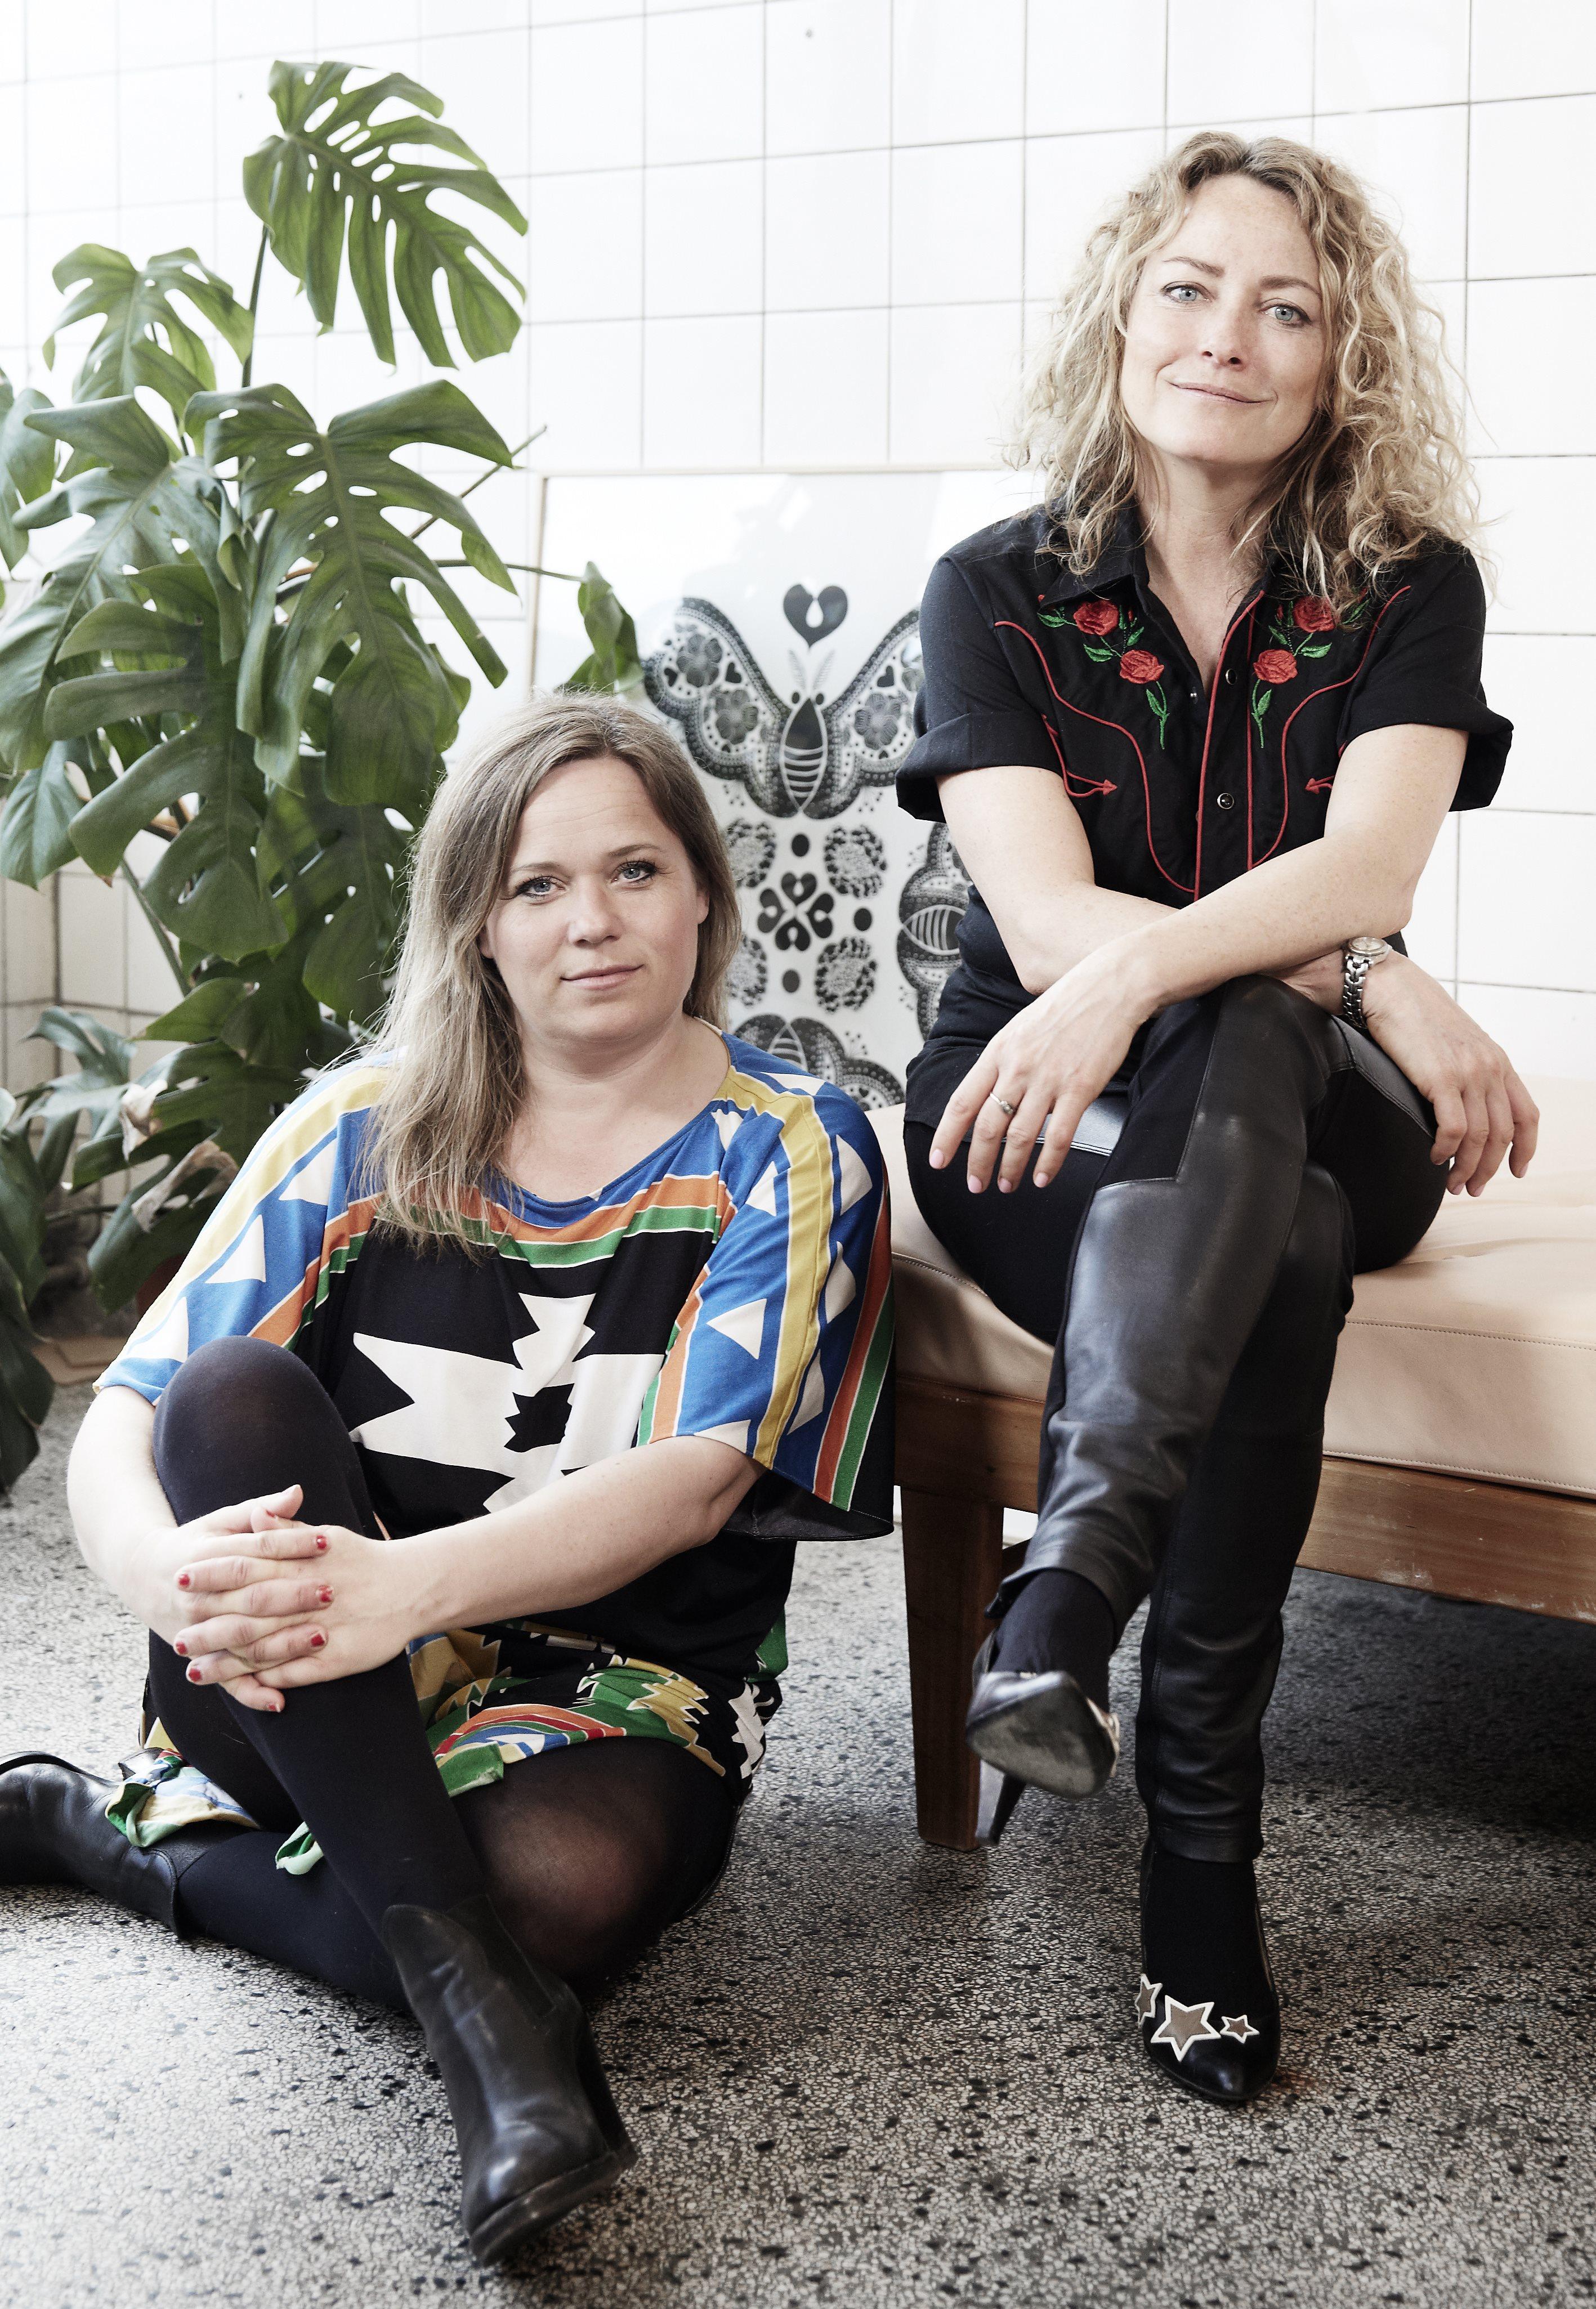 Kvinderne bag SØD TØS, som er en venindeboge til voksne: Lisa Grue og Maise Njor (Foto: Tine Harden)